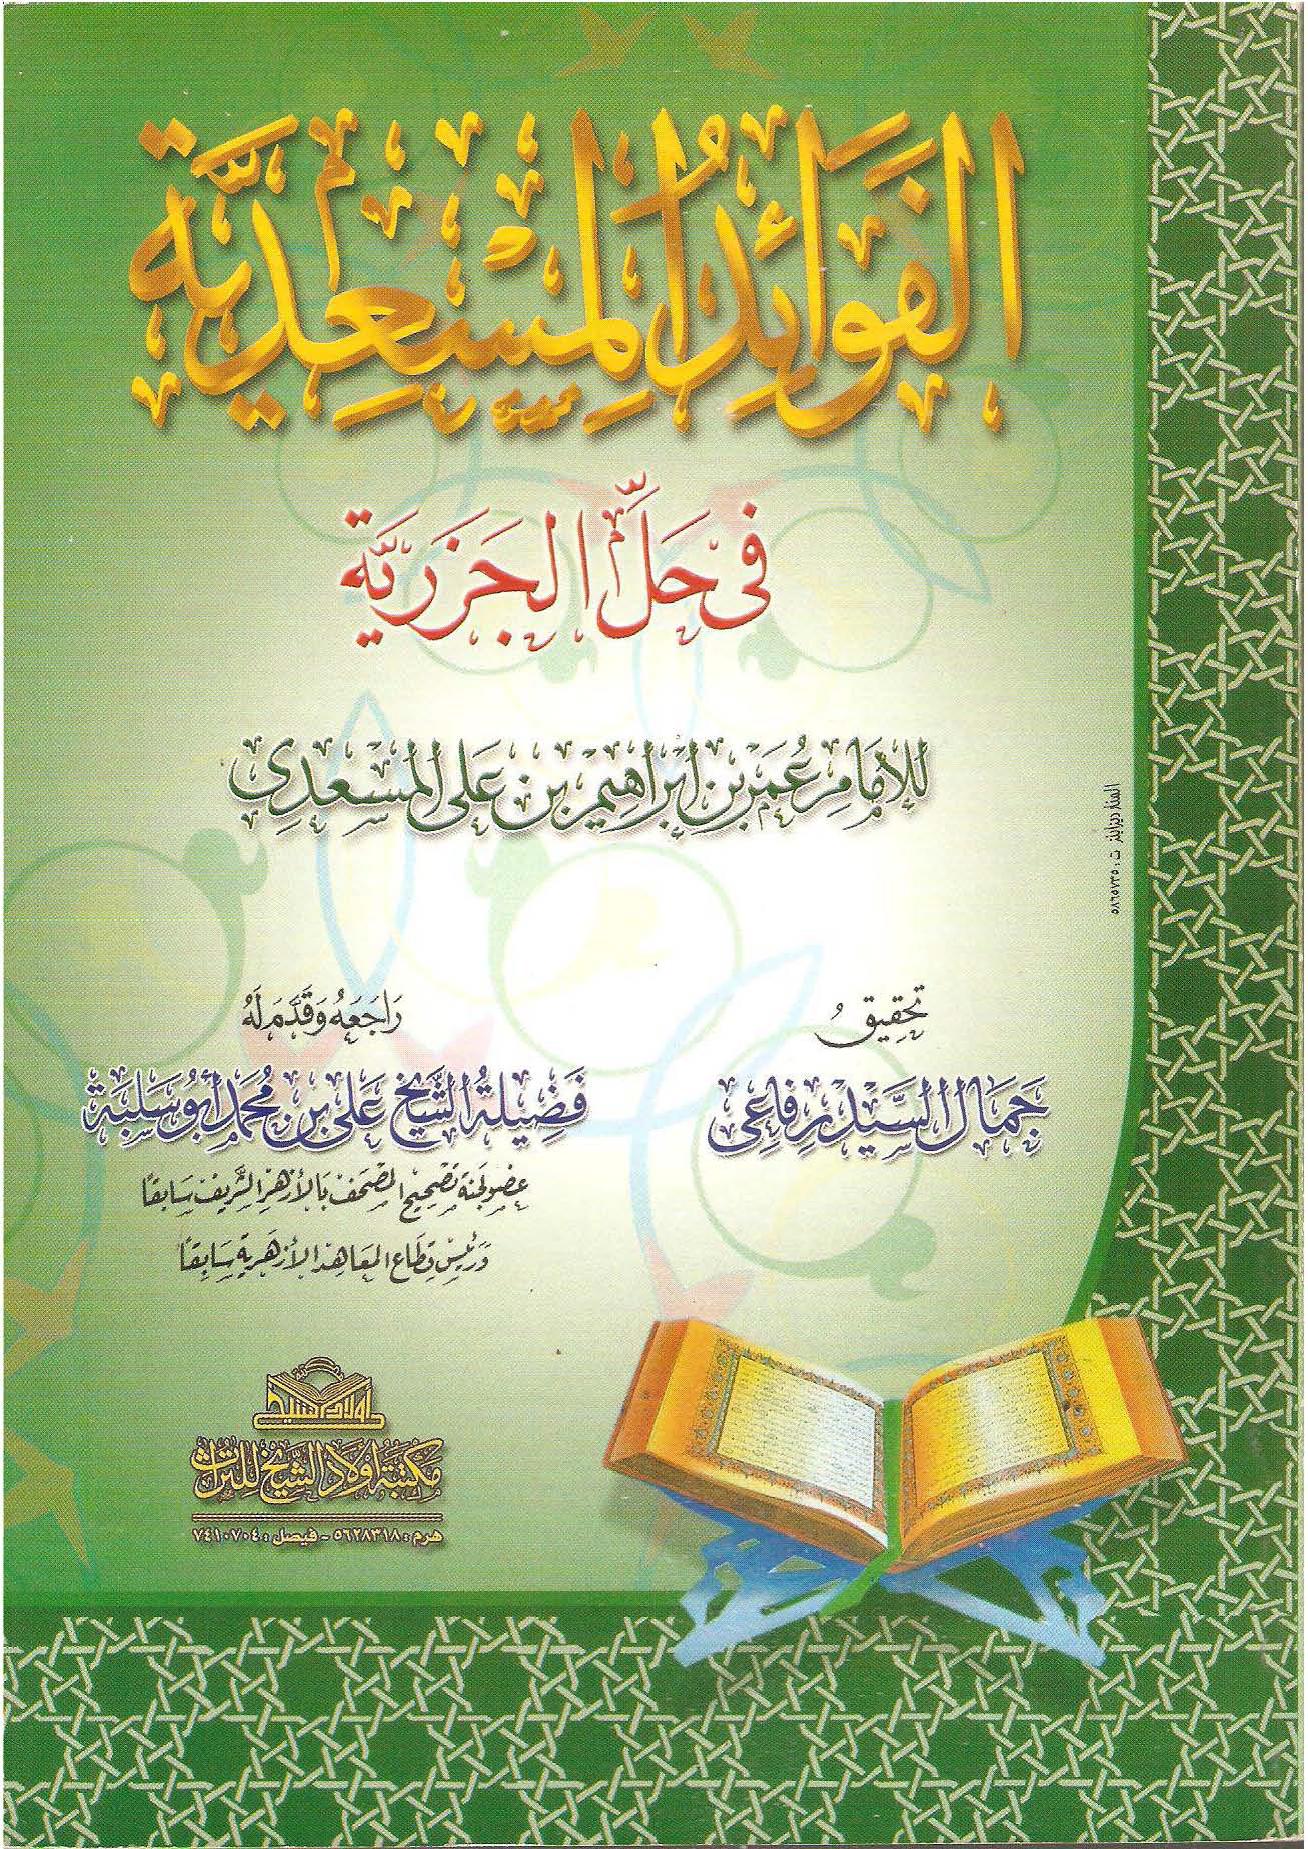 تحميل كتاب الفوائد المسعدية في حل الجزرية لـِ: الإمام عمر بن إبراهيم بن علي المسعدي (ت 1017)